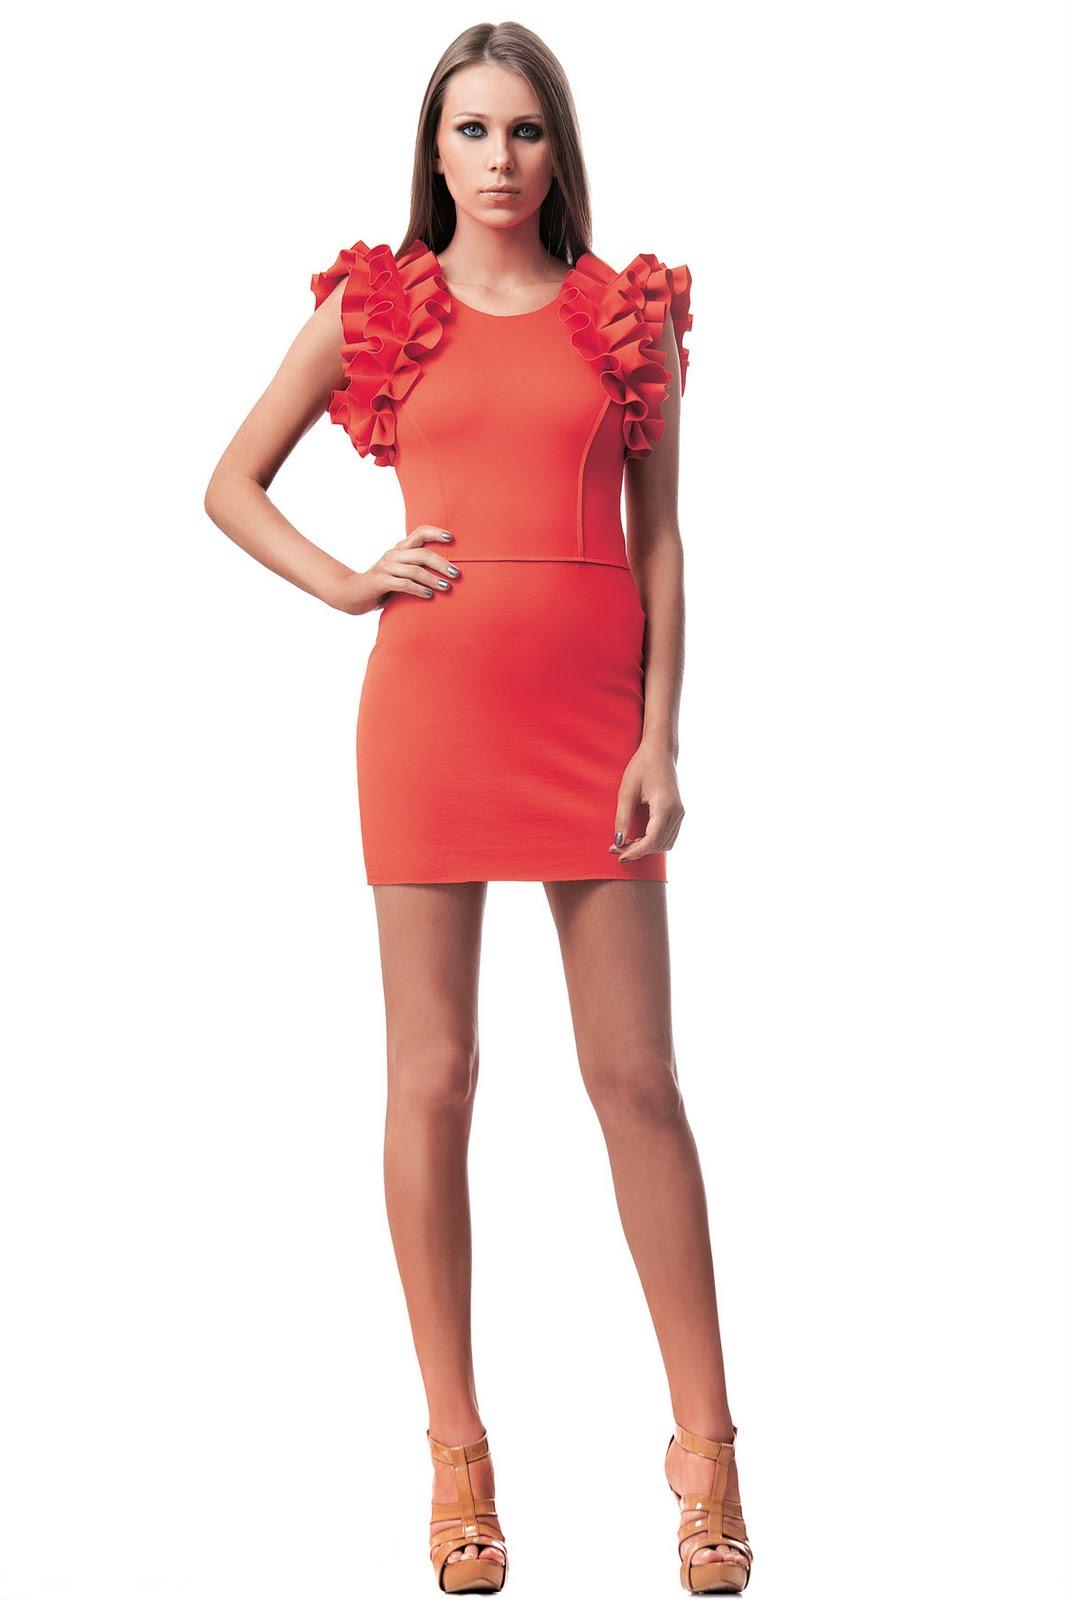 http://1.bp.blogspot.com/-cfaub2y5FJ0/TnFMucJHYHI/AAAAAAAAAOE/TI0wwBznCyA/s1600/Fabulous+Agilita%25CC%2581+coral.jpg